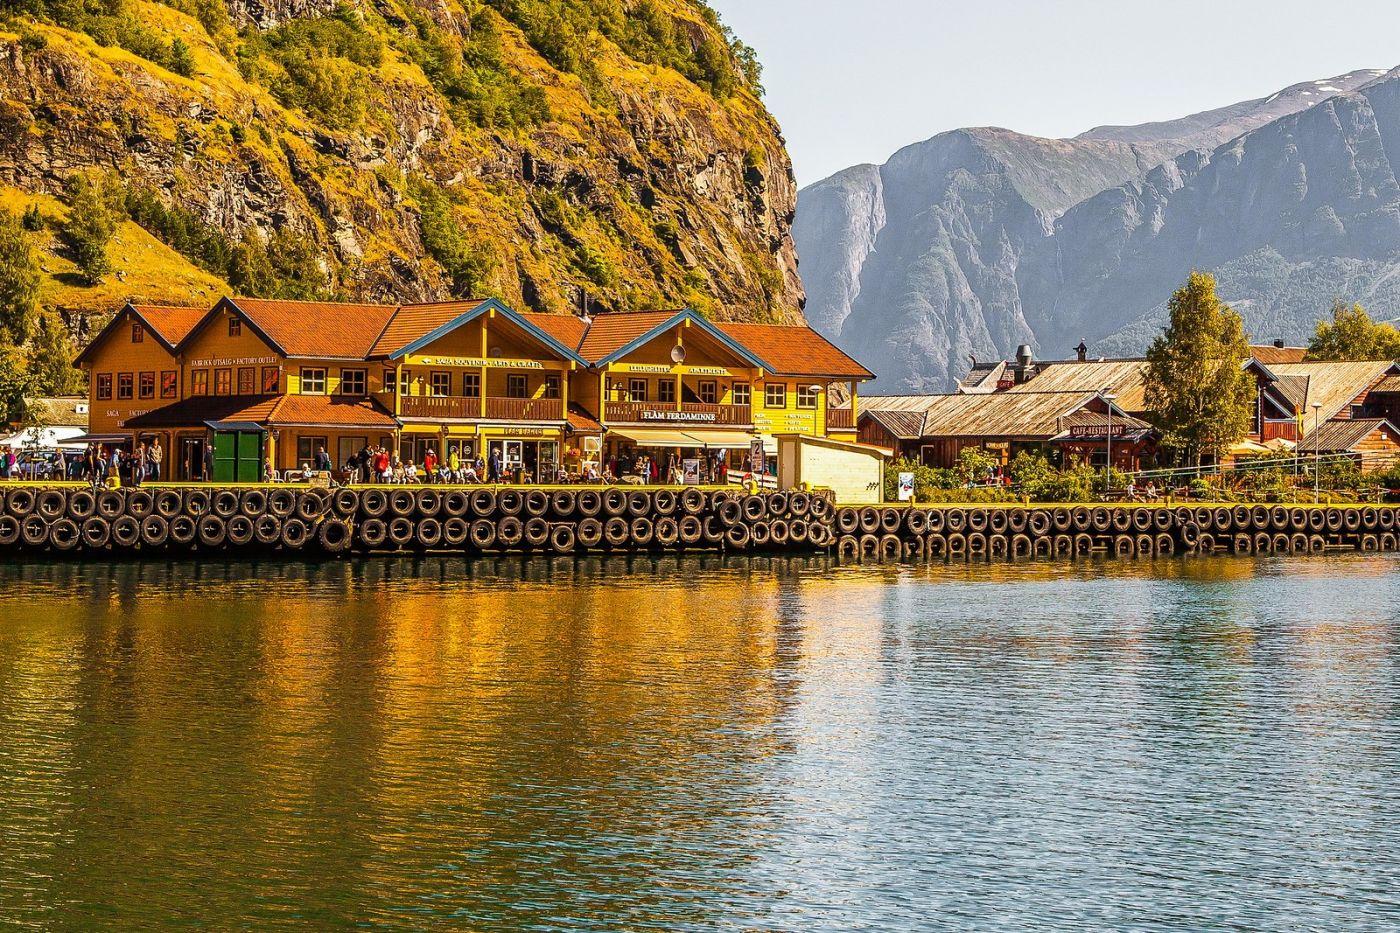 挪威弗拉姆铁路(Flam Railway),美丽的小站_图1-14